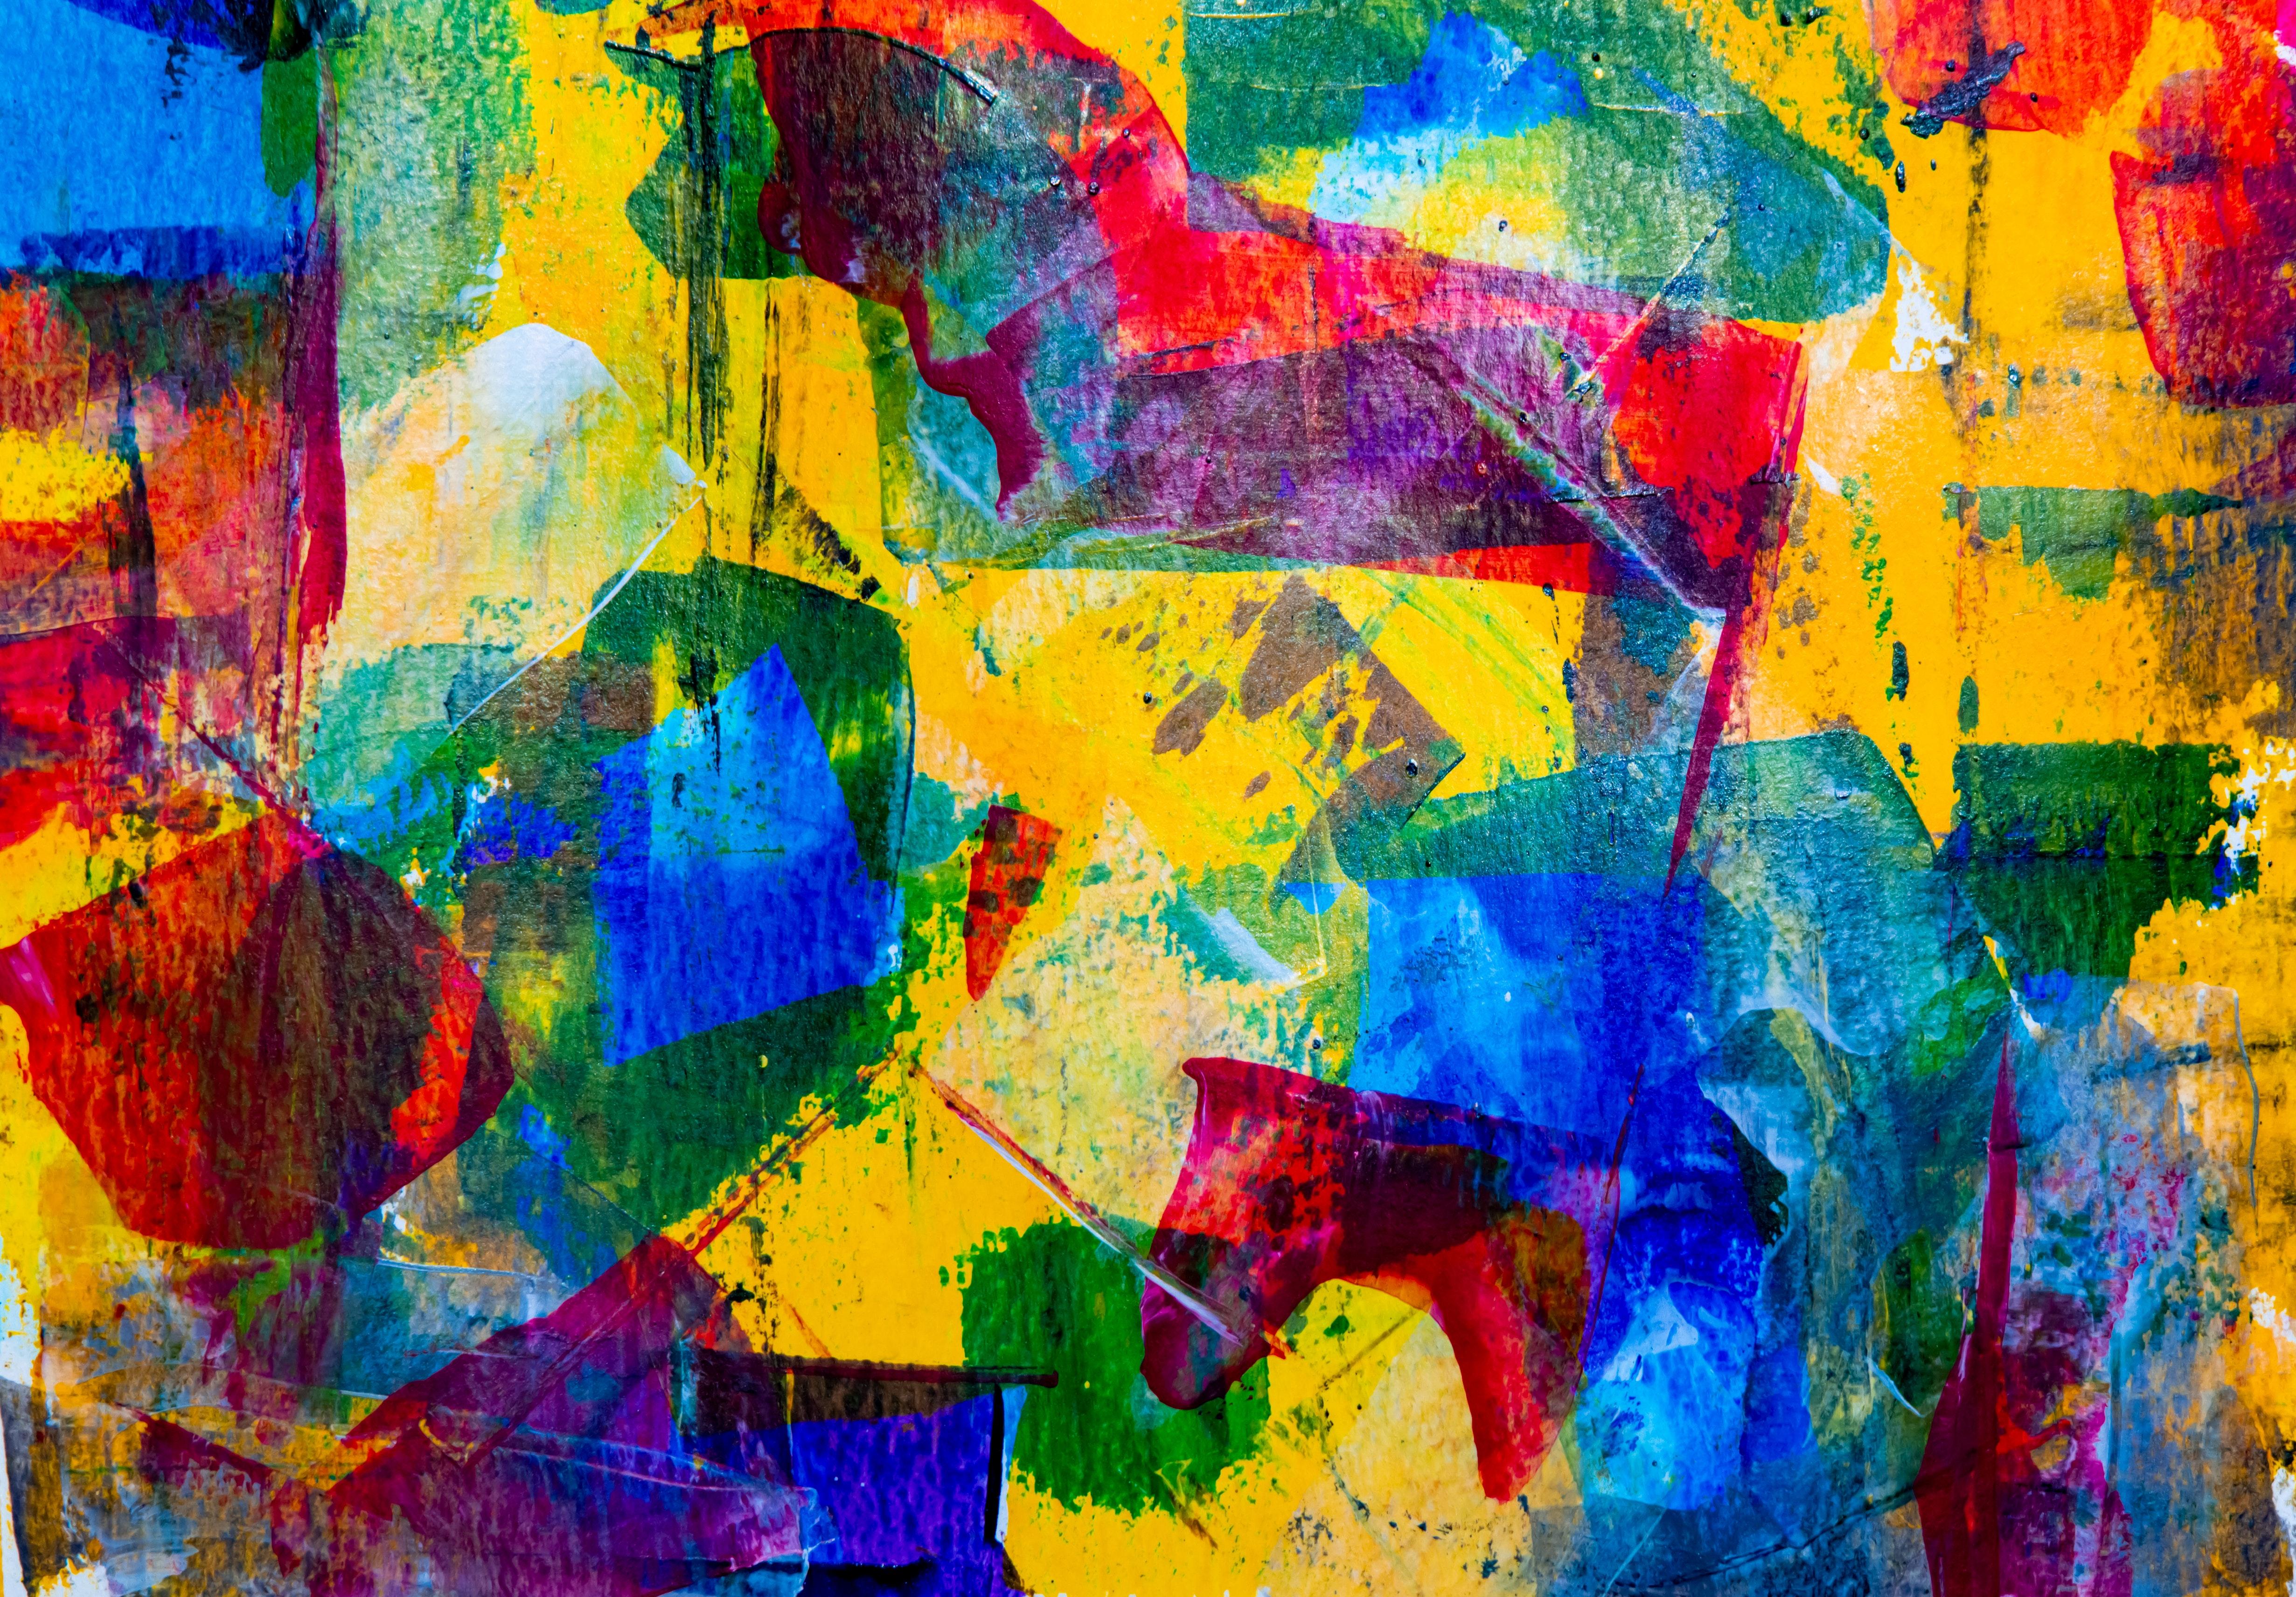 pexels-steve-johnson-1864204